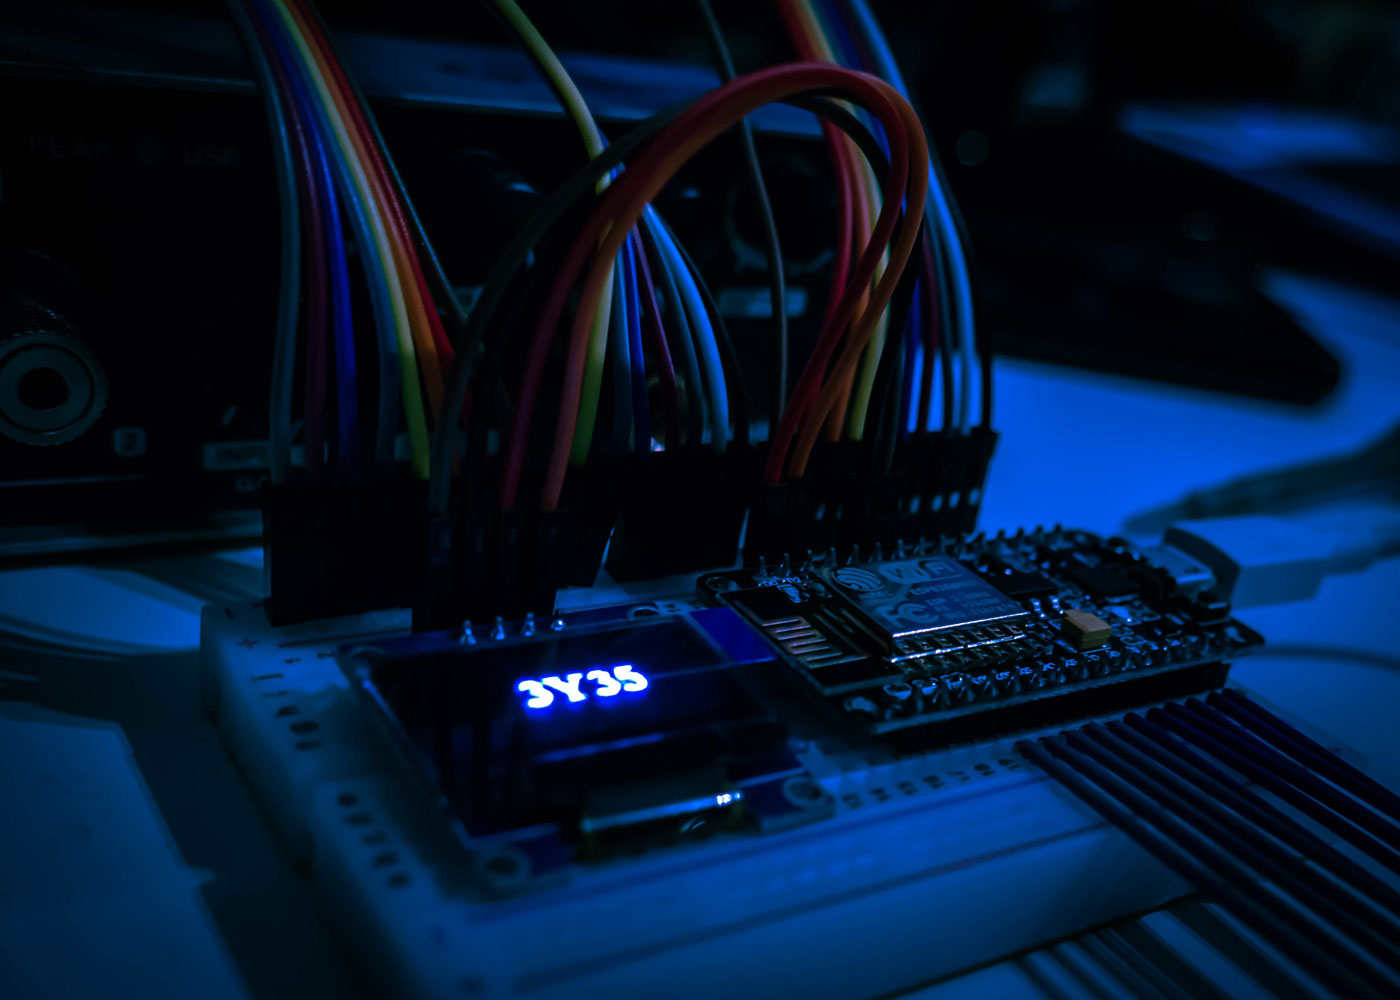 WP142 Platinen-Feuchtigkeitsschutz, Trockenspray auf Wachsbasis, elektronik Kabel